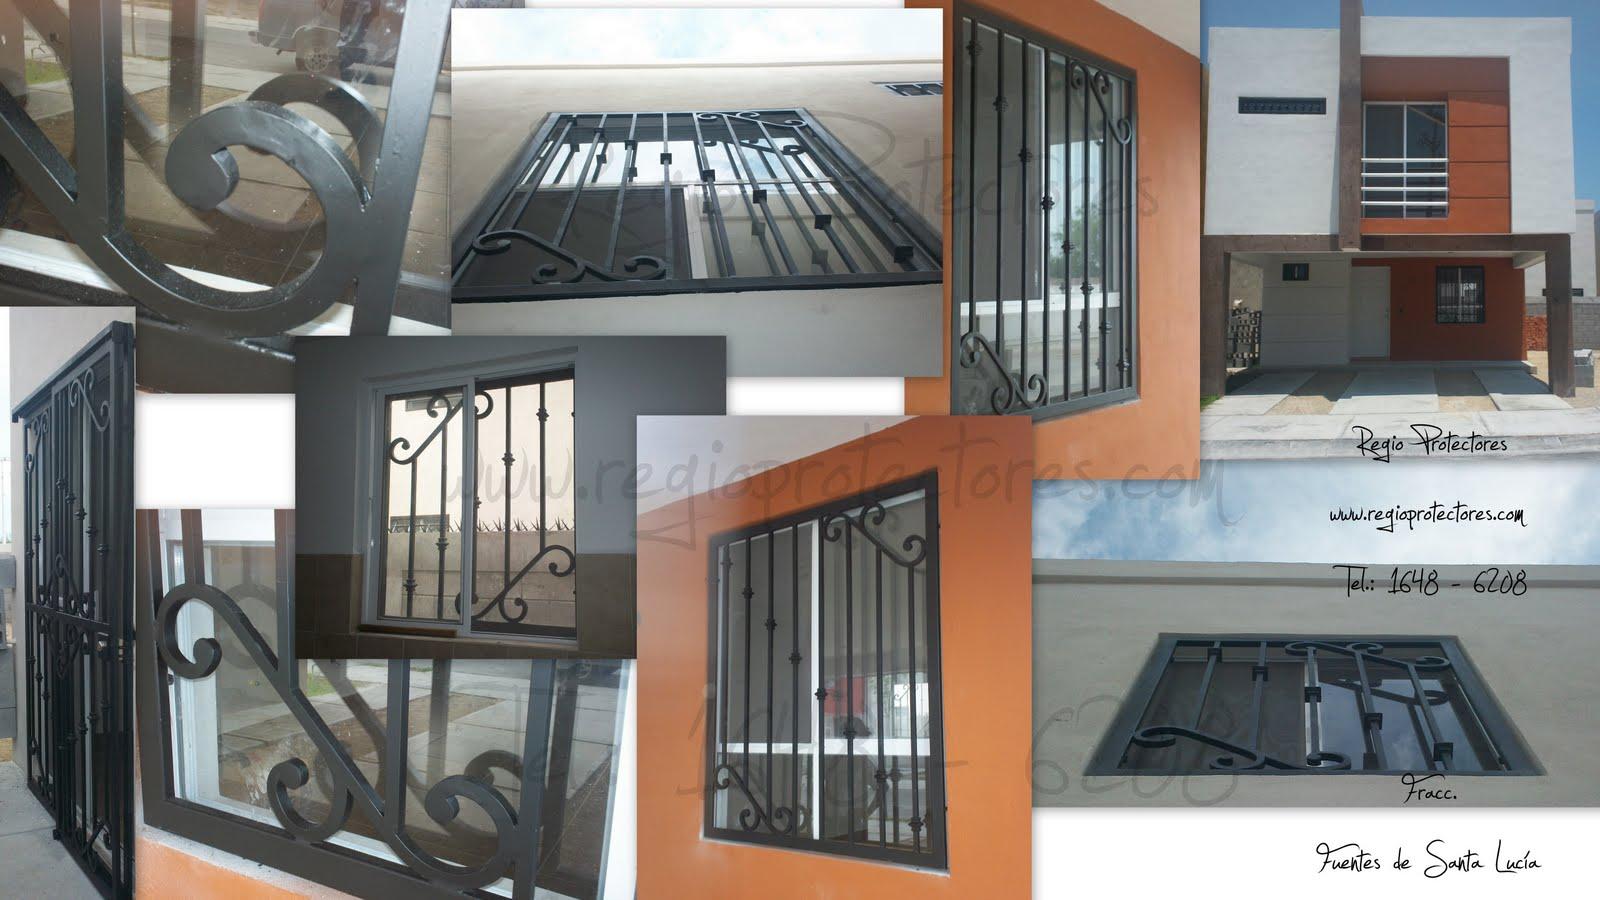 ... ventanas y puertas de Hierro forjado, Fracc. Fuentes de Santa Lucía